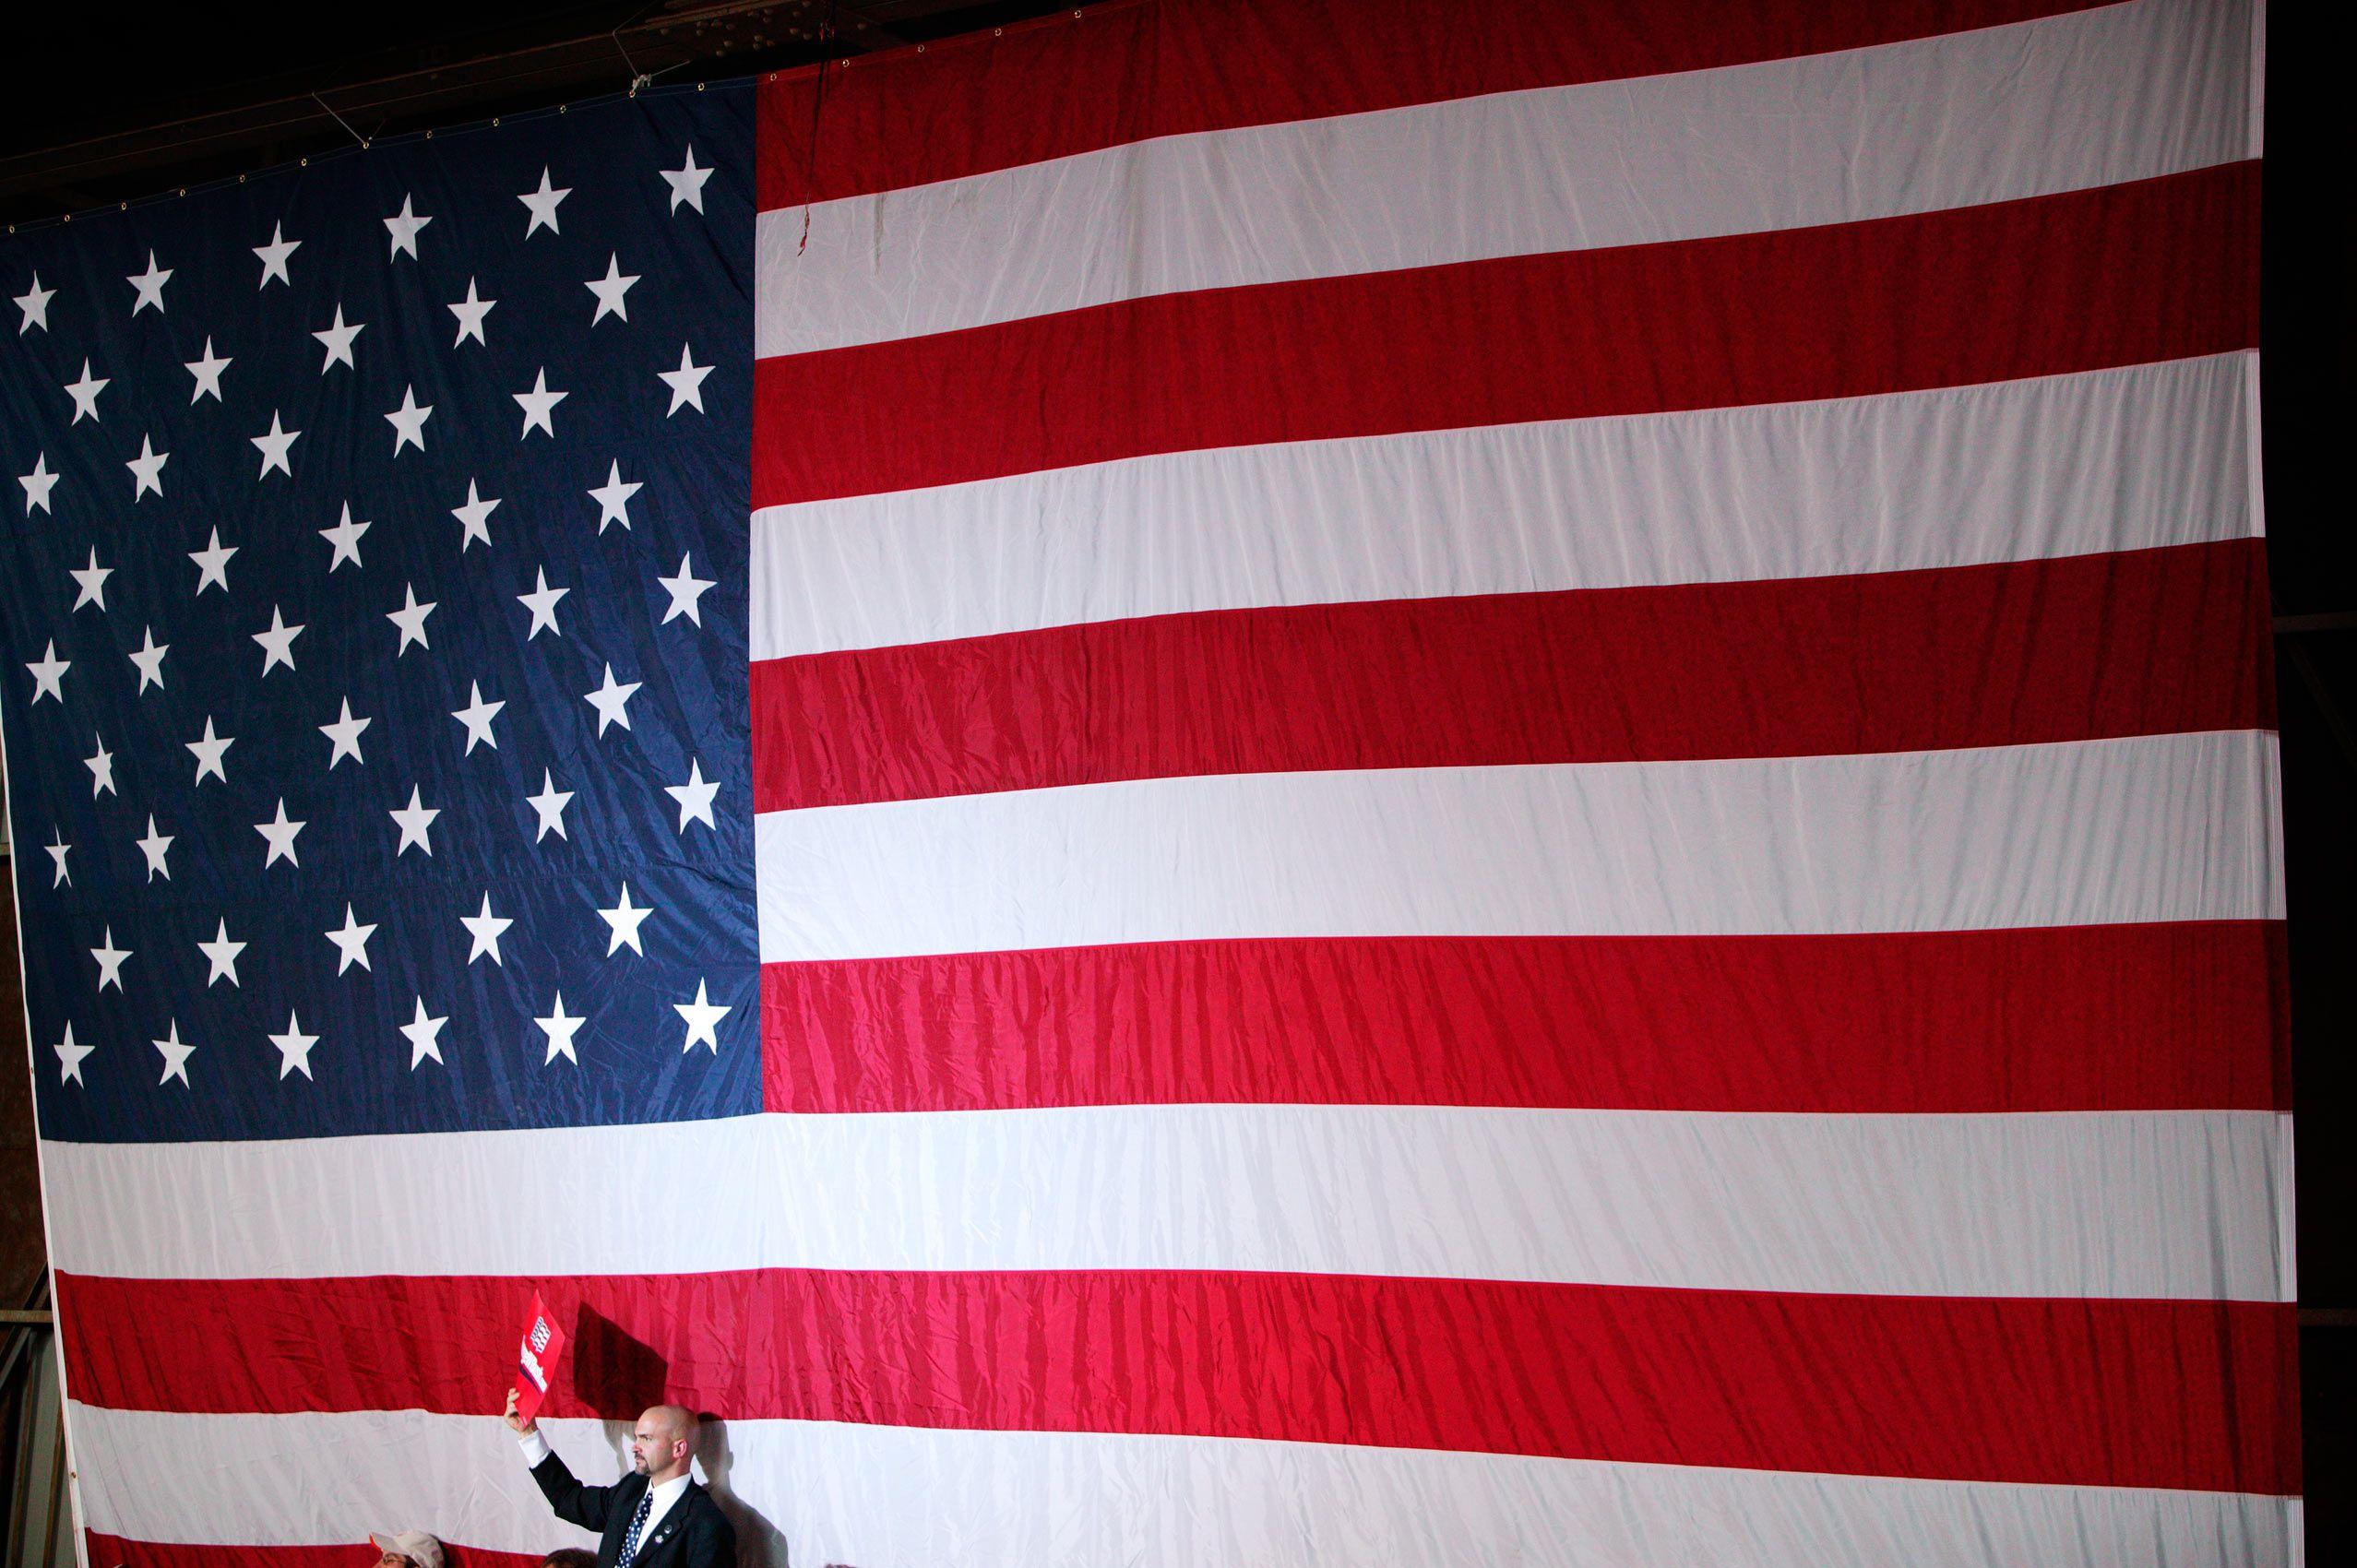 04-USA-Bush-10.04.jpg